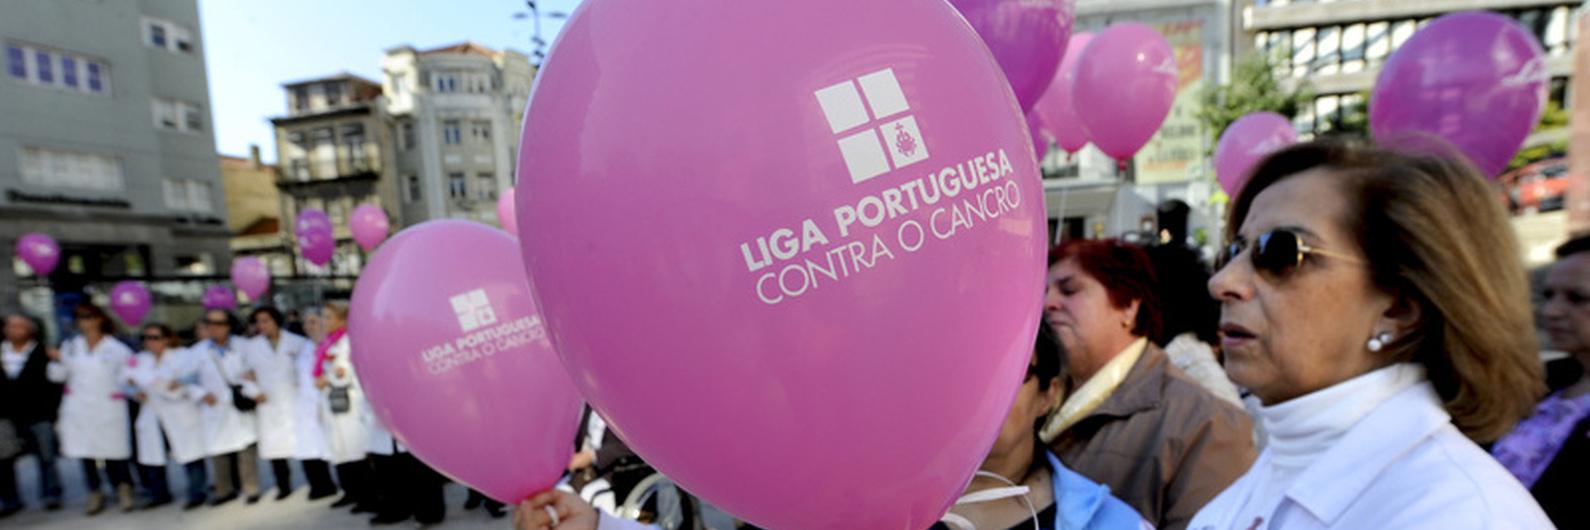 Liga Portuguesa Contra o Cancro apela à generosidade dos portugueses